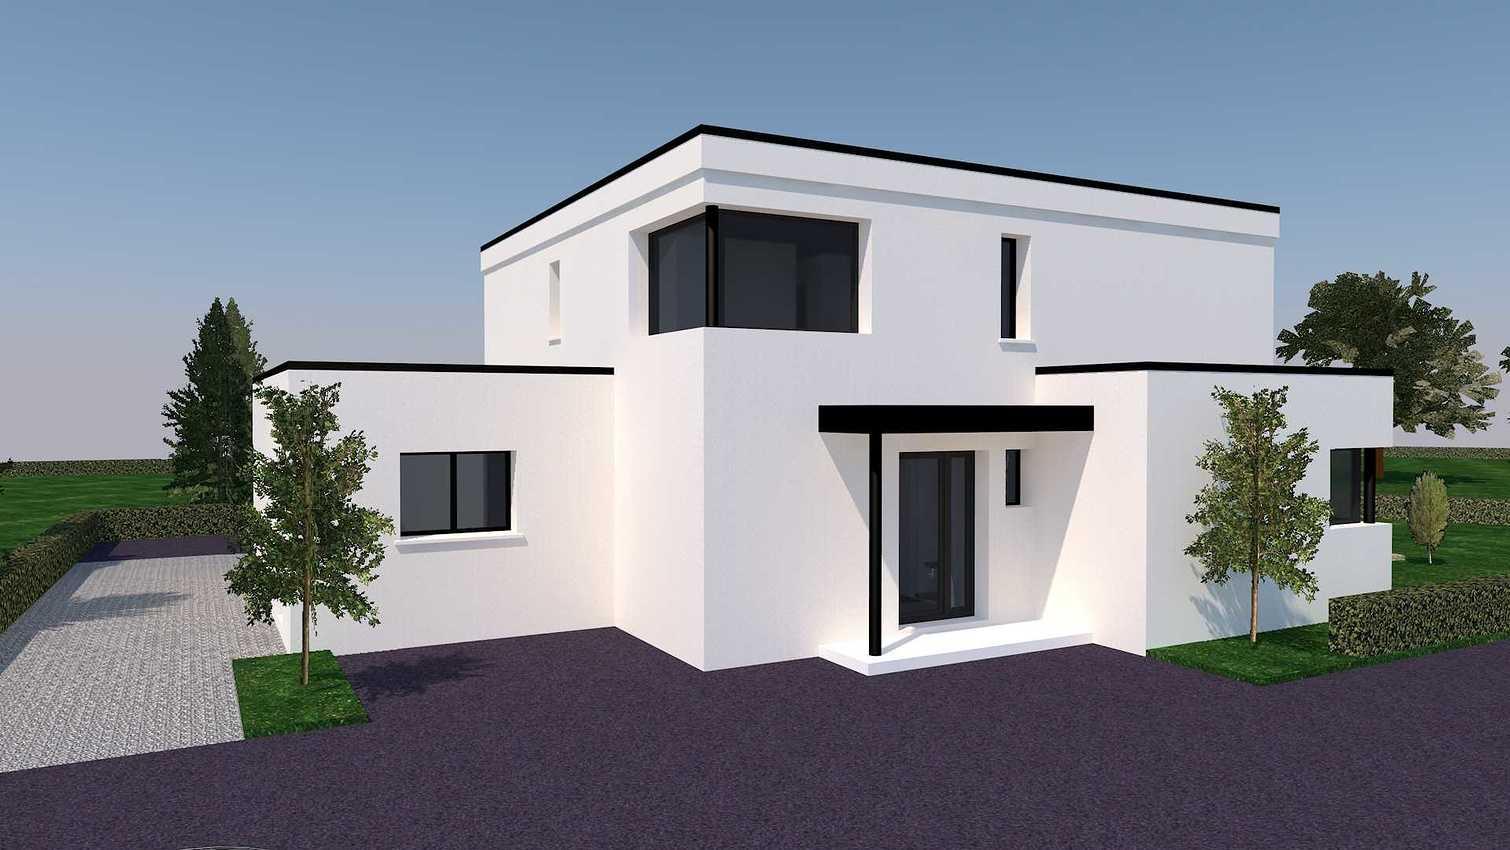 Projet de construction maison neuve et contemporaine - Langueux presentation33